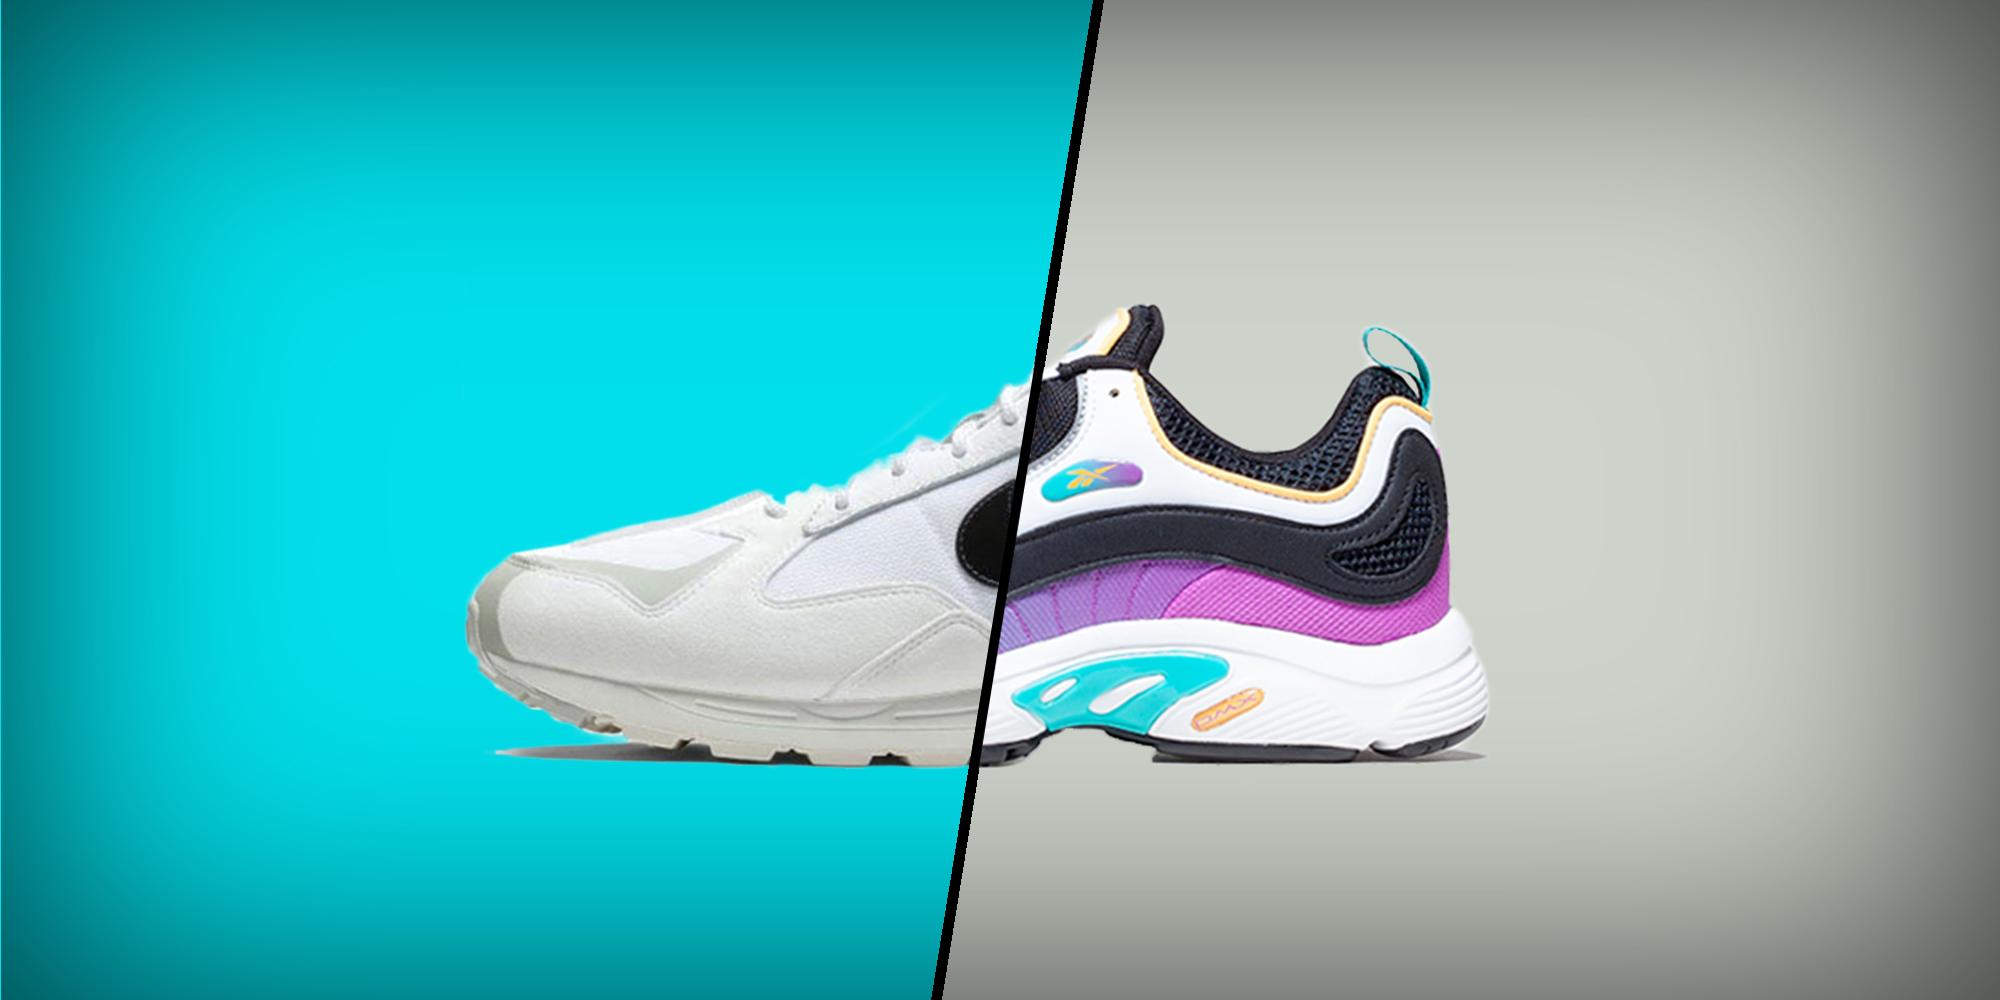 Sneaker kalender week 50: toffe sneakers van Nike, Reebok en